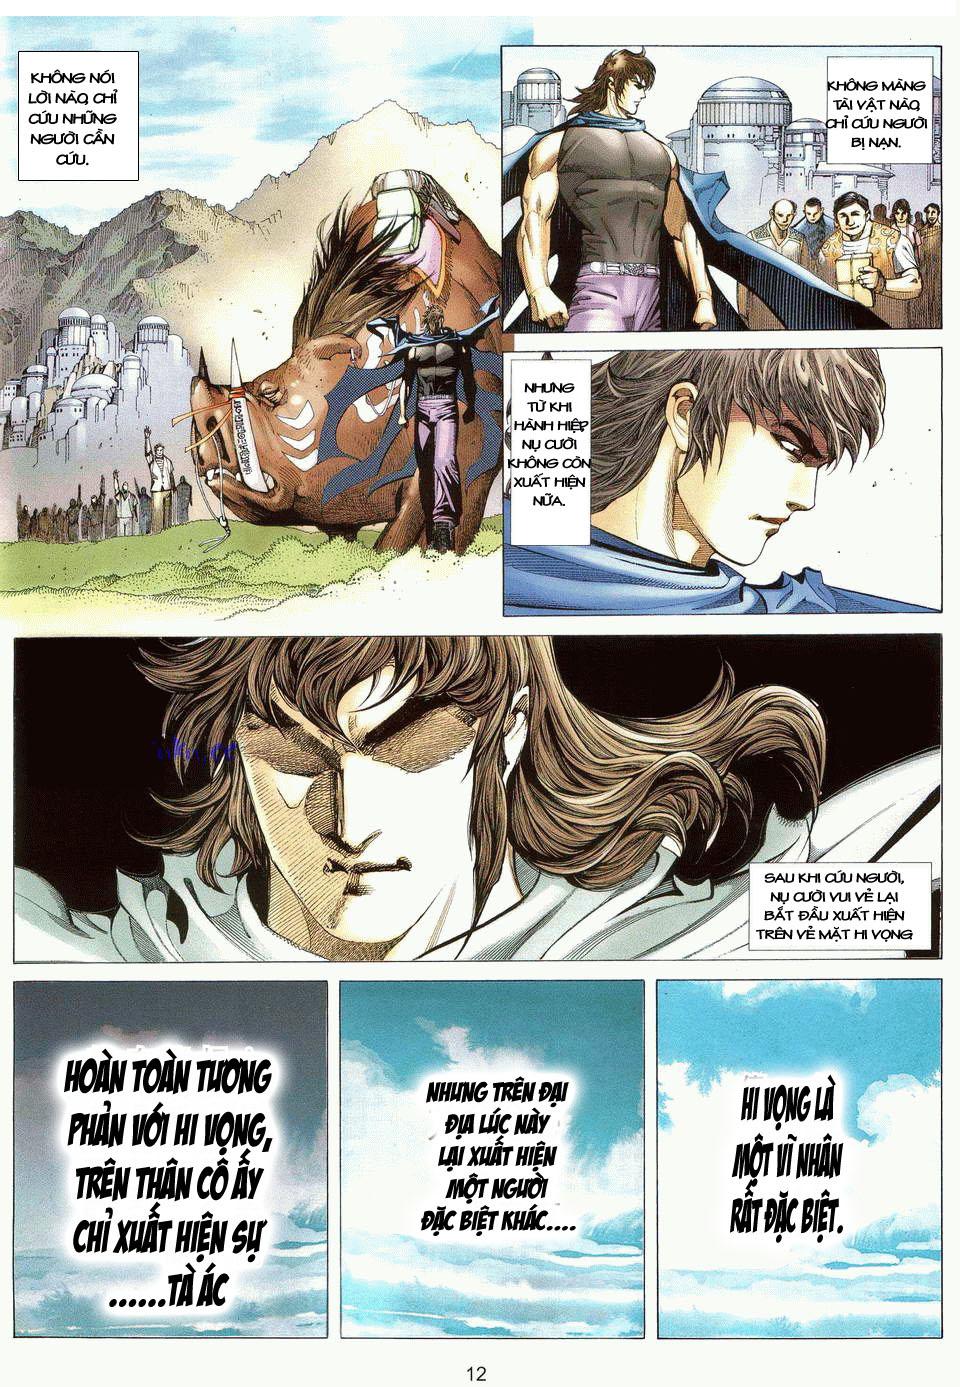 Võ Thần Ngoại Truyện chap 13 - Trang 11